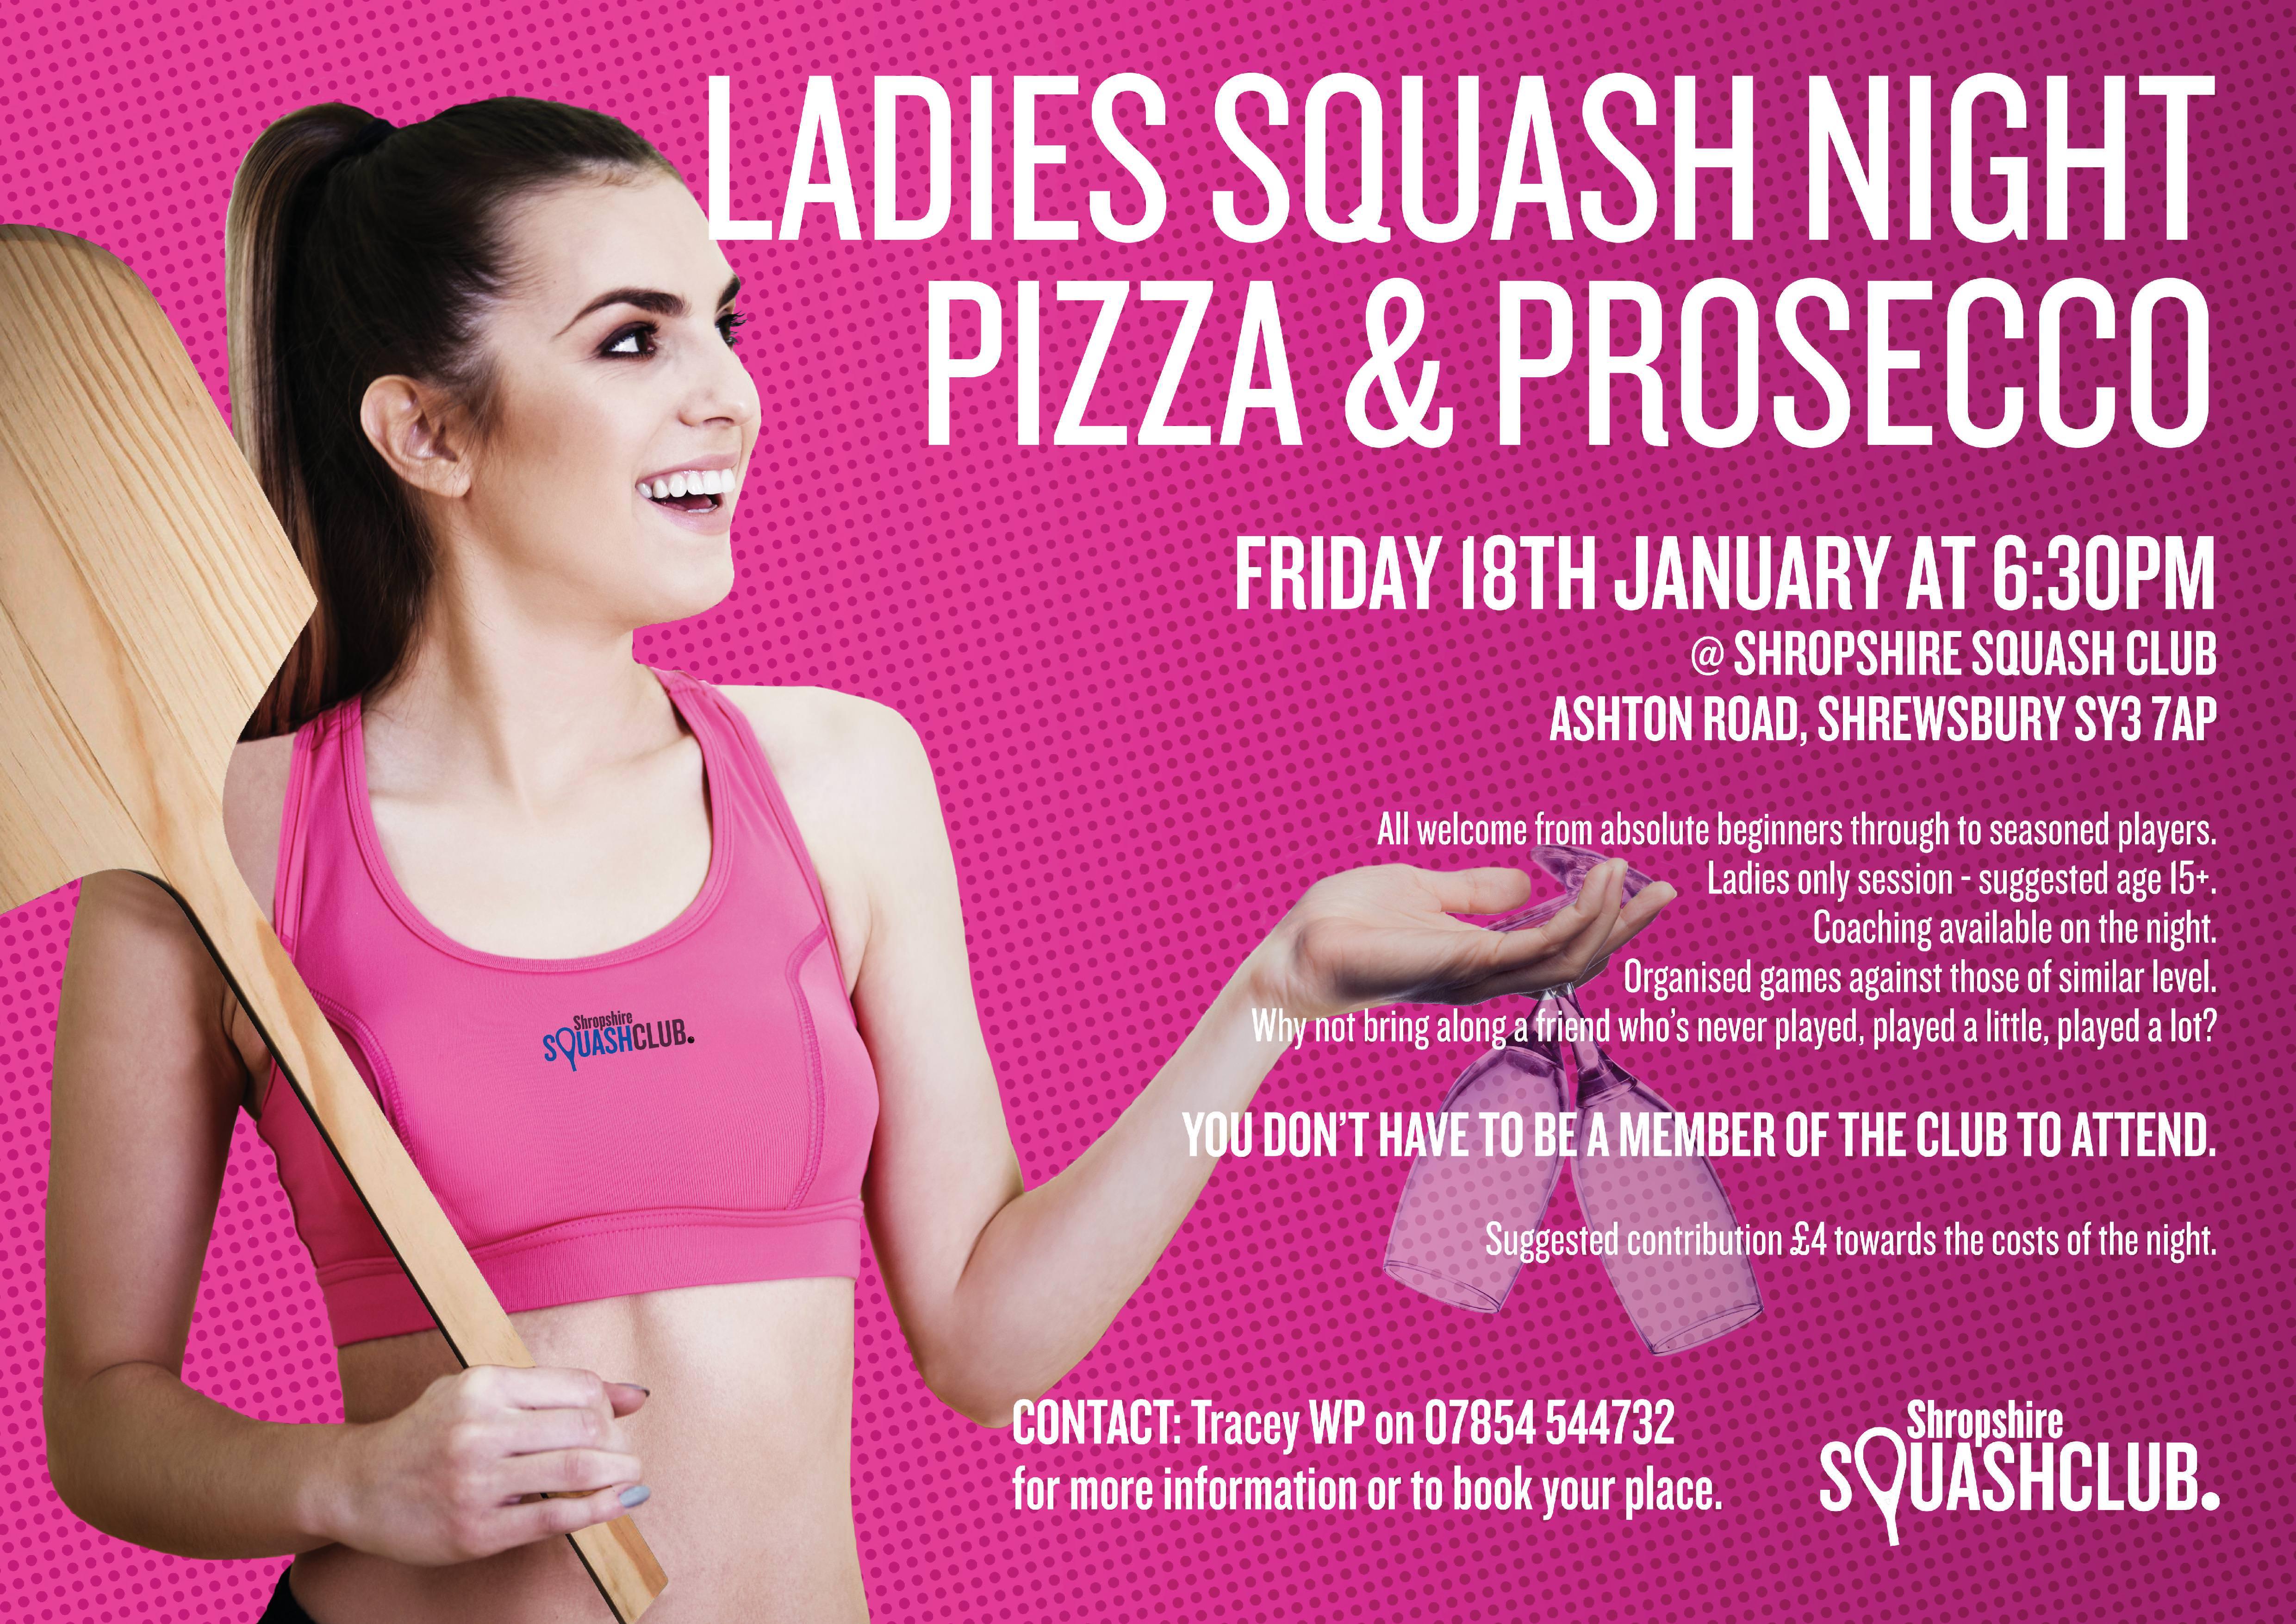 Another Ladies Squash Night